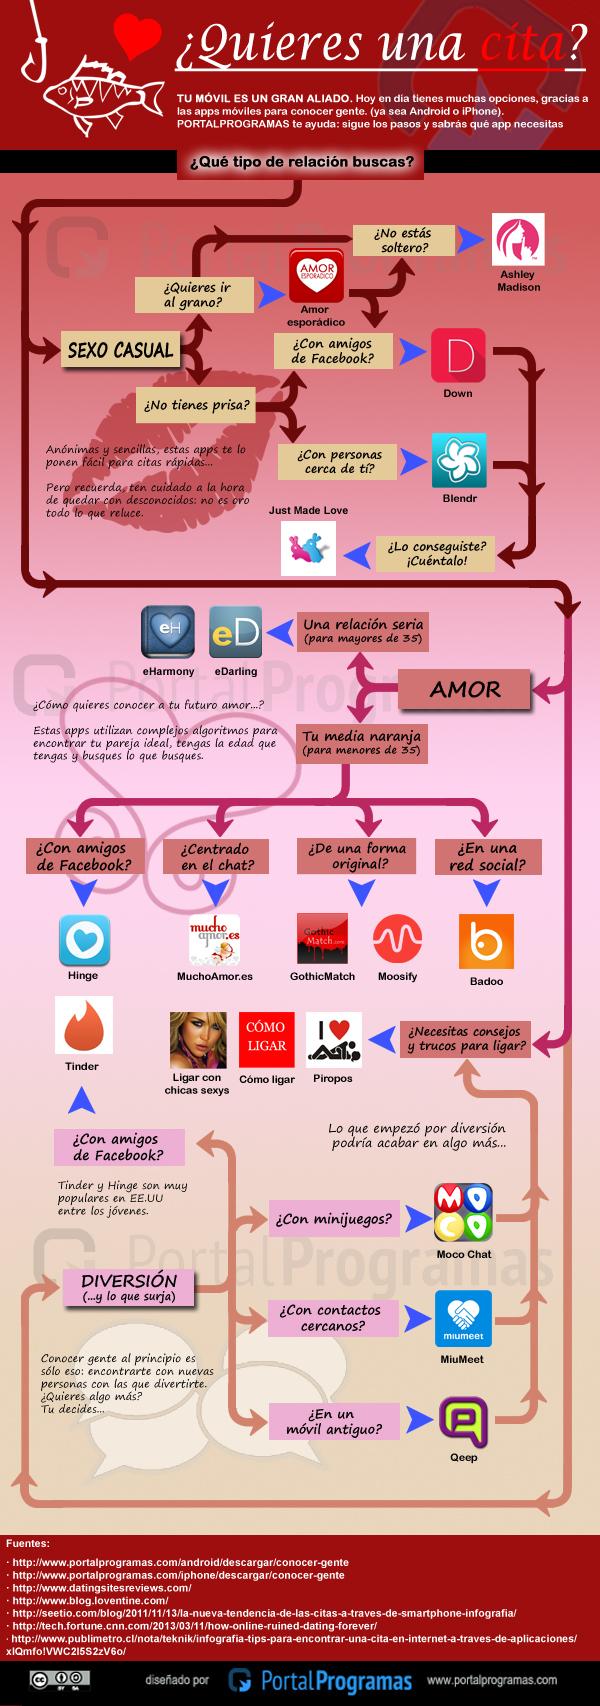 Apps para conocer gente df sexo secreto Coruña-65589